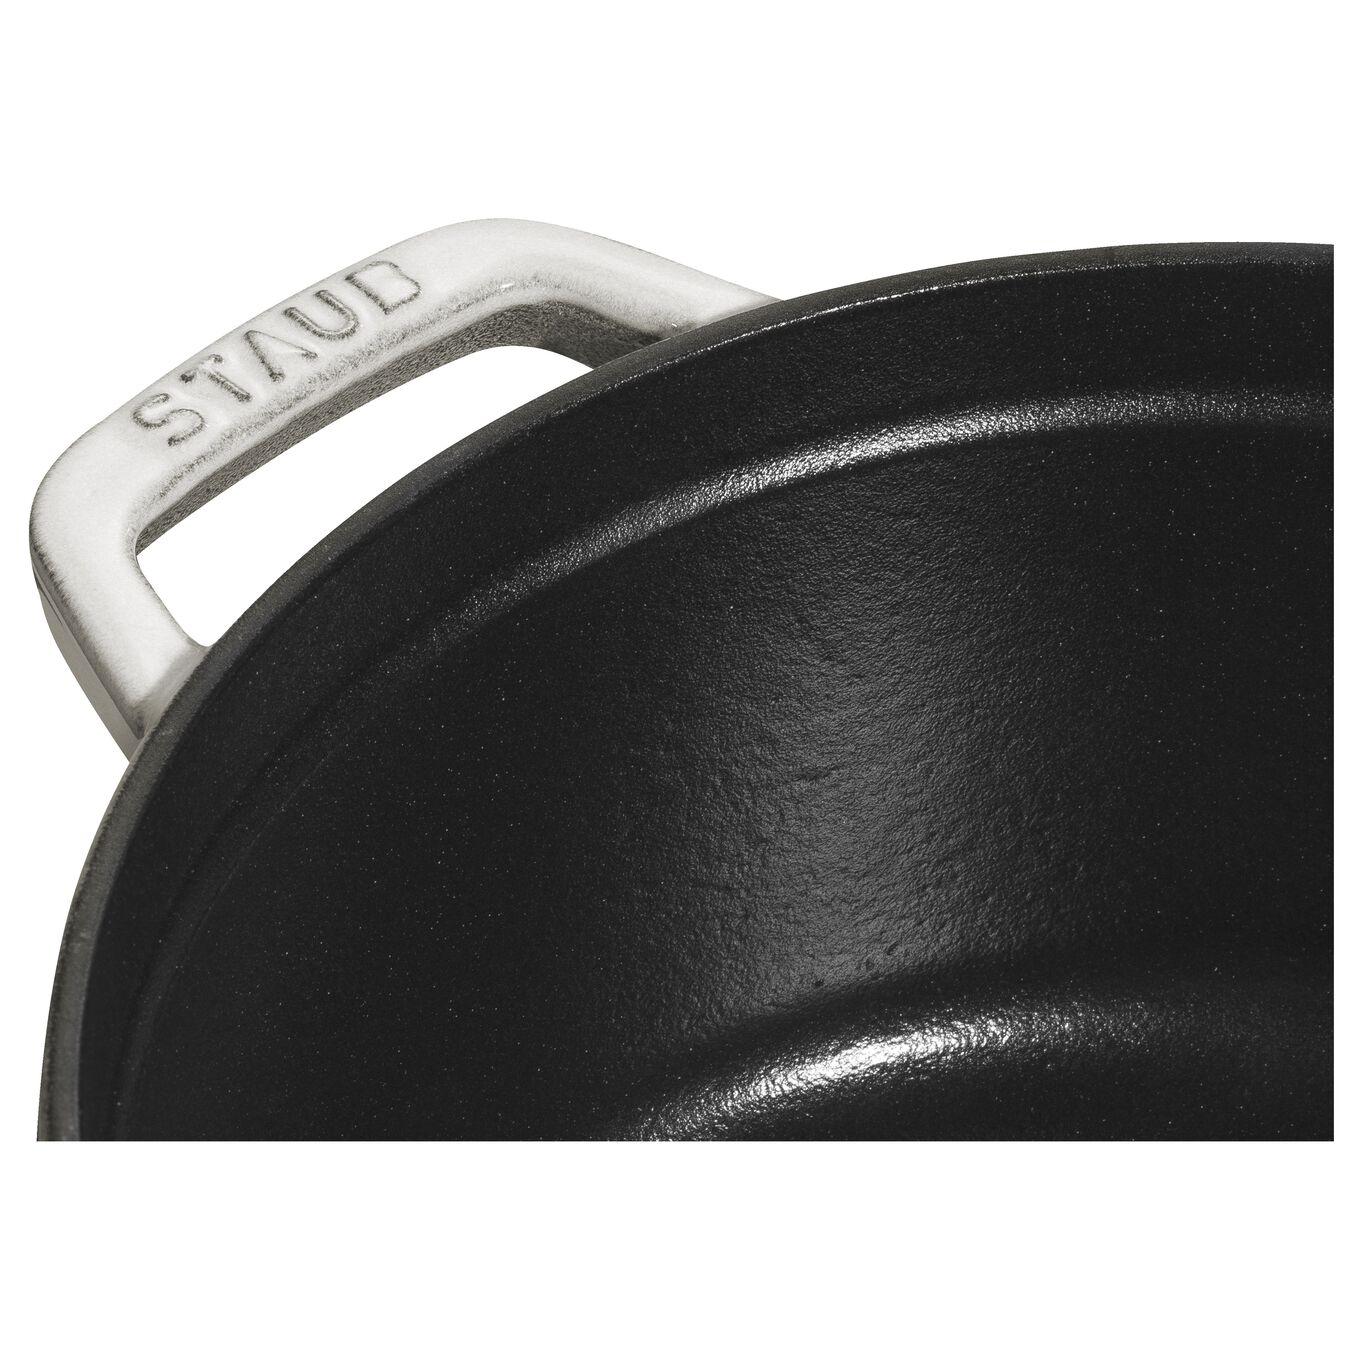 Caçarola 18 cm, redondo, Branco trufado, Ferro fundido,,large 4